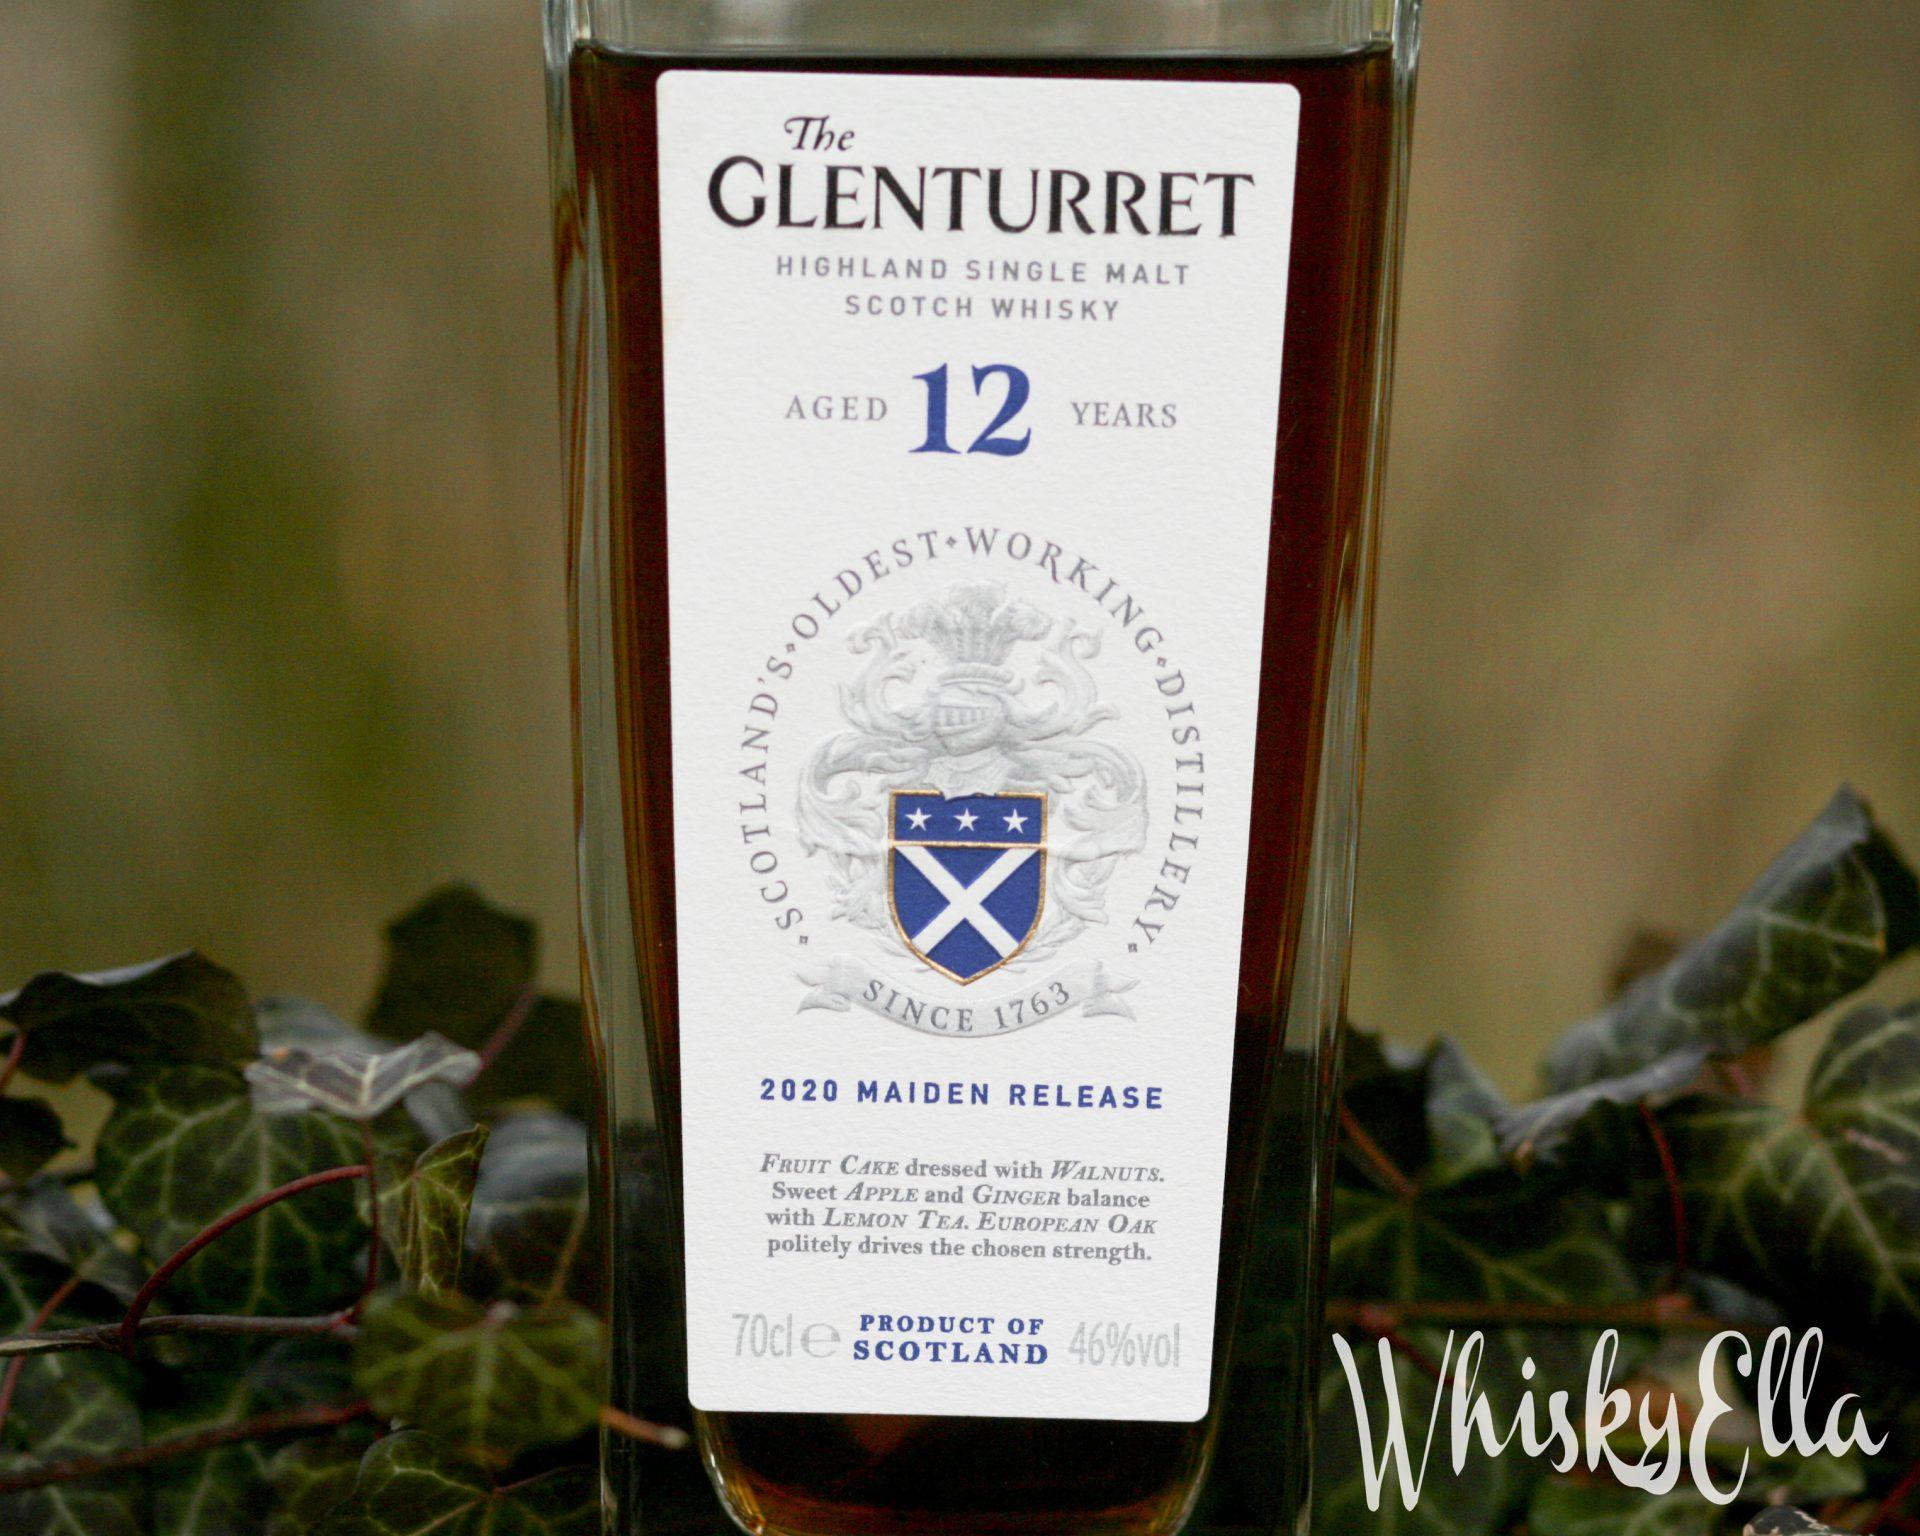 Nasza recenzja Glenturret 12 yo 2020 Maiden Release #103